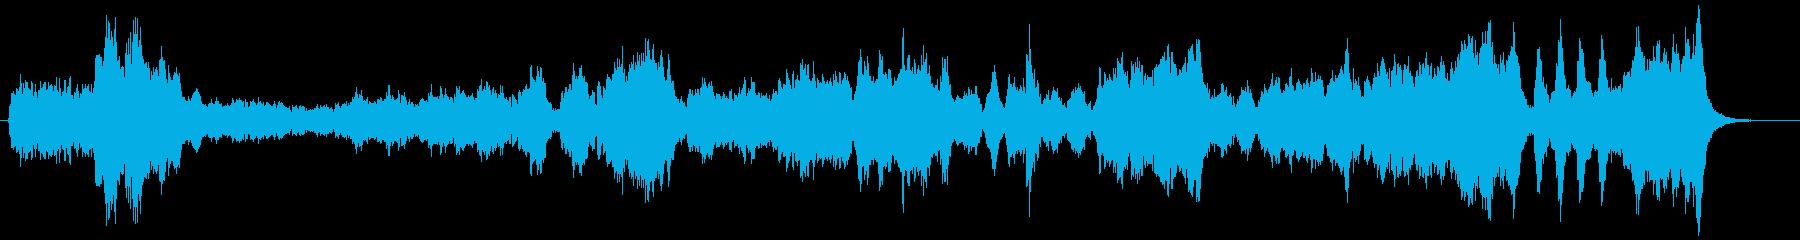 フルオーケストラのバレエ用のワルツの再生済みの波形